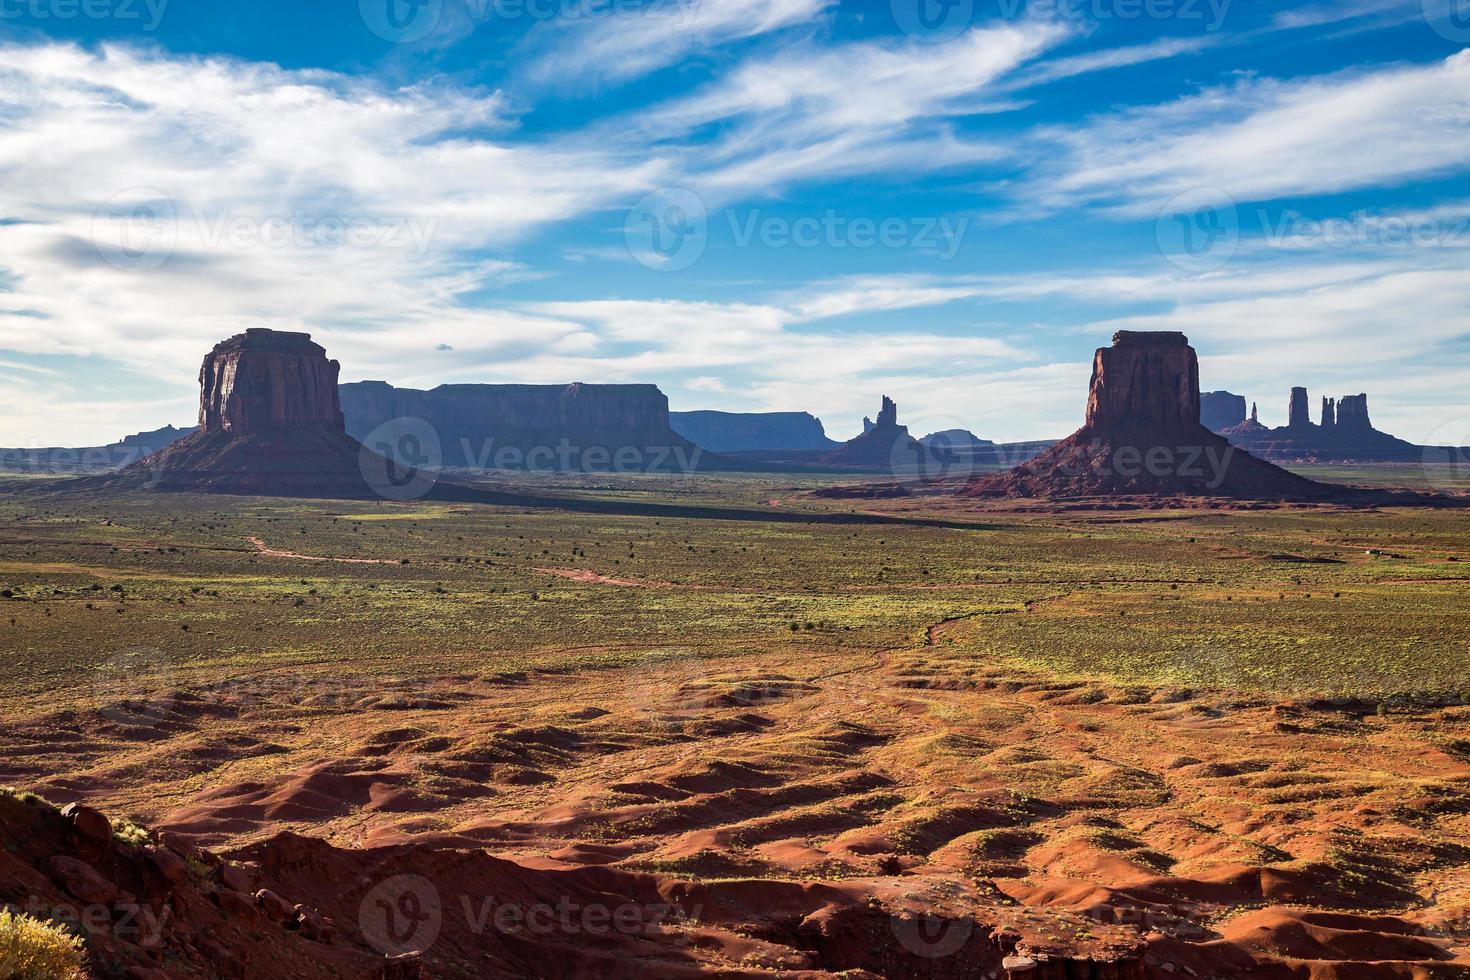 parque tribal del valle del monumento navajo, utah, estados unidos foto